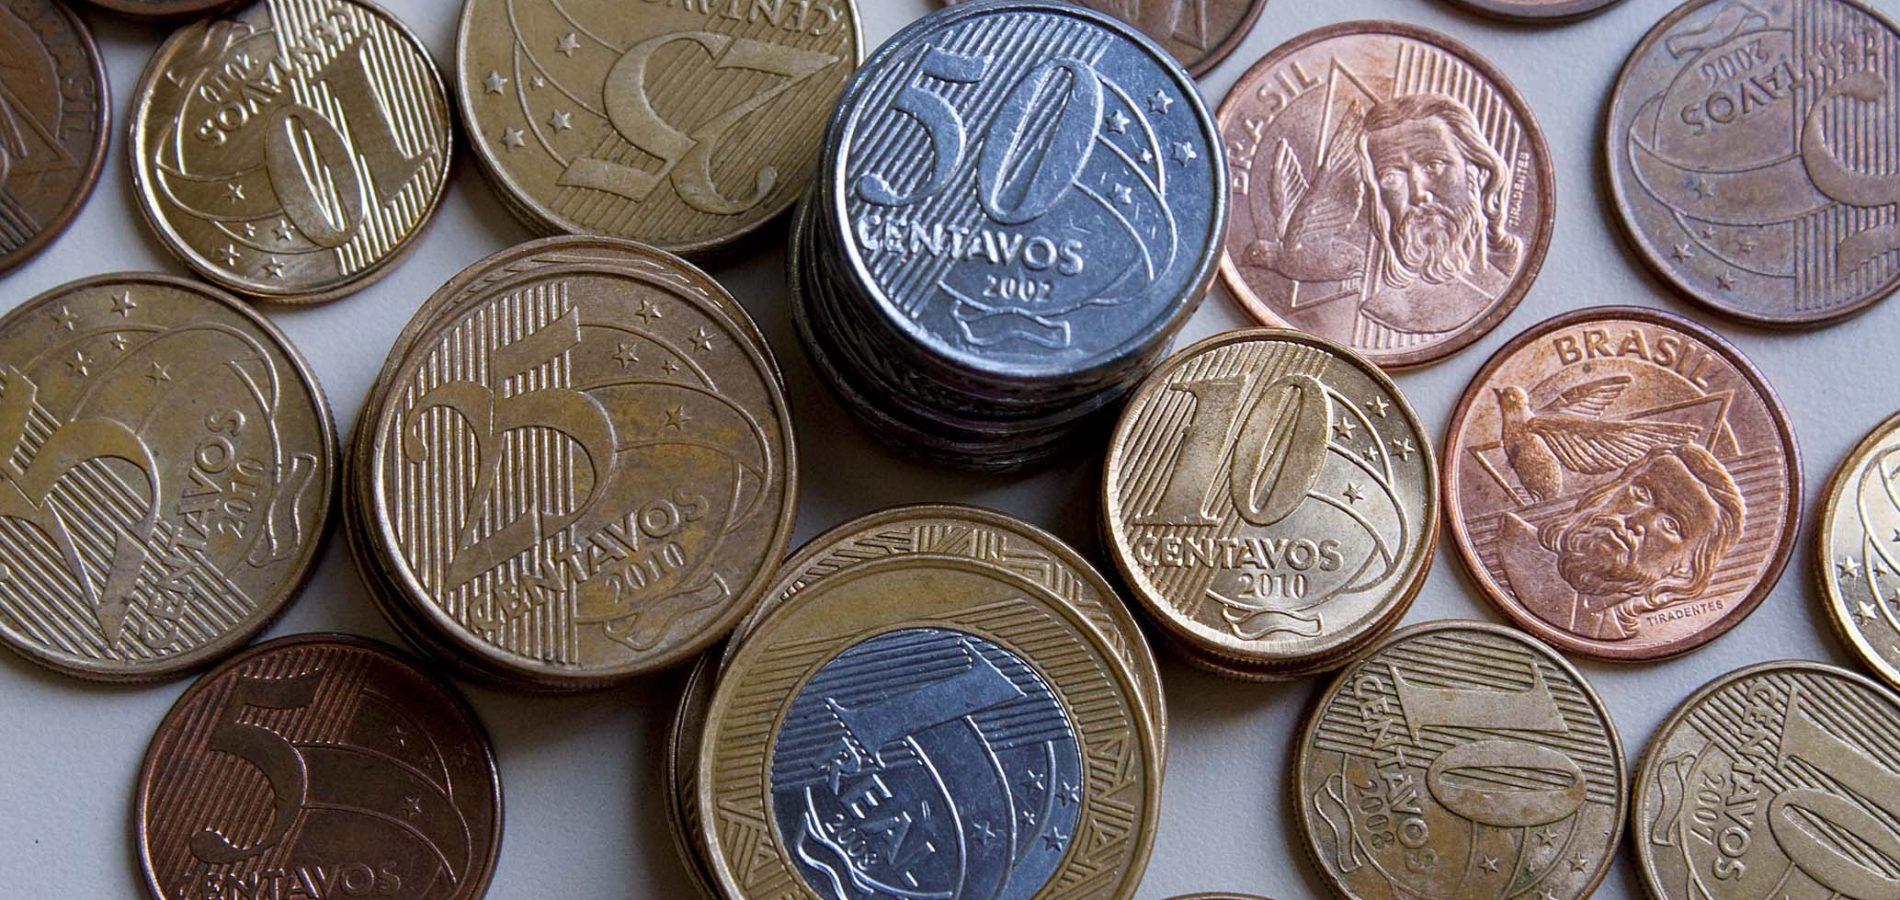 Banco Central corta os juros pela sexta vez consecutiva